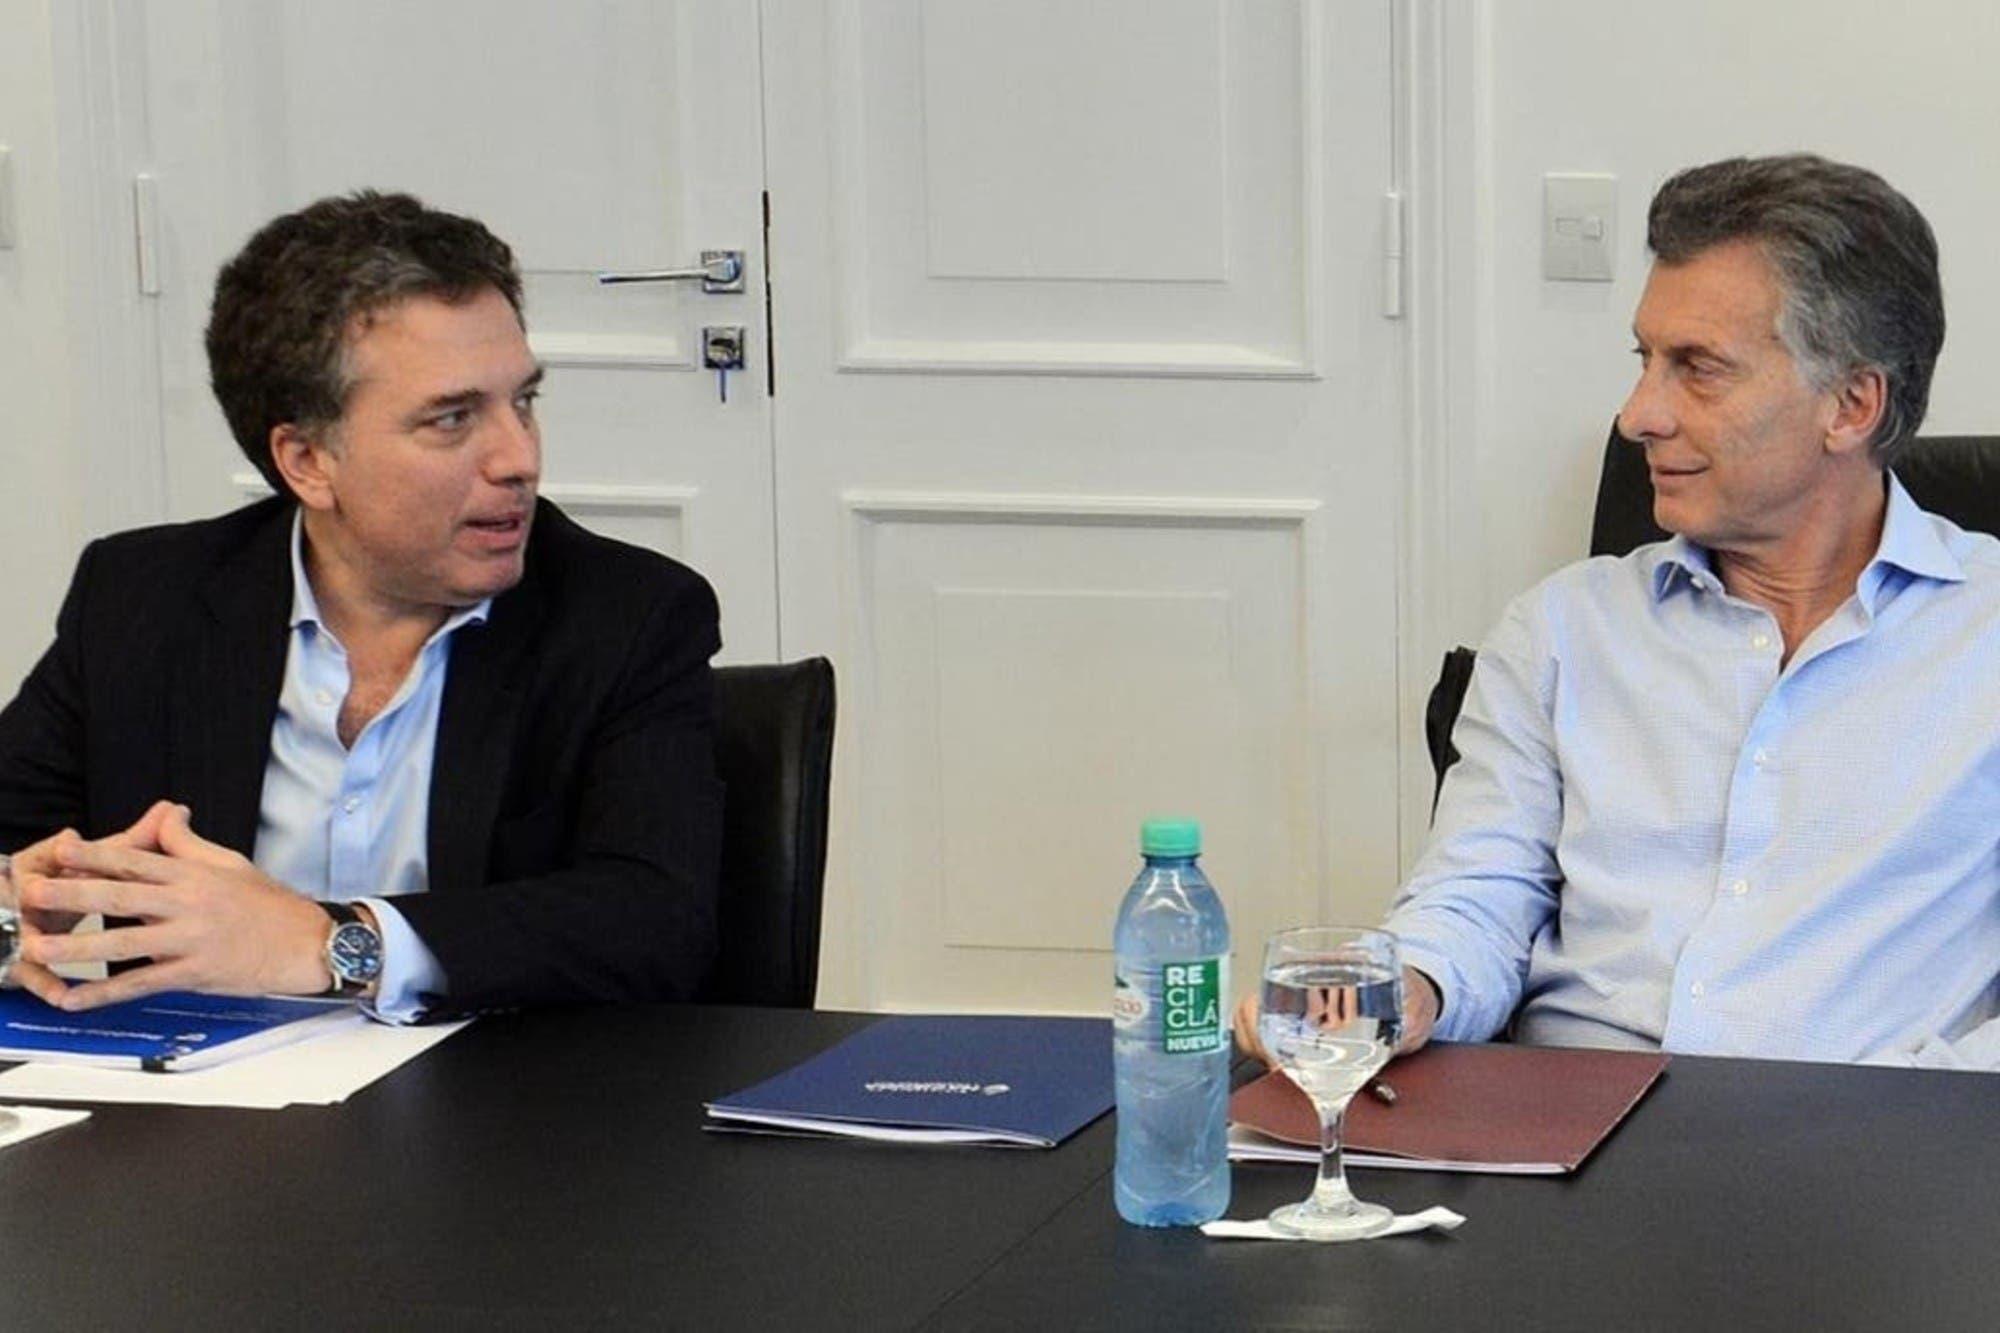 Concesiones viales: el juez Rodolfo Canicoba Corral llamó a indagatoria a dos exministros de Mauricio Macri